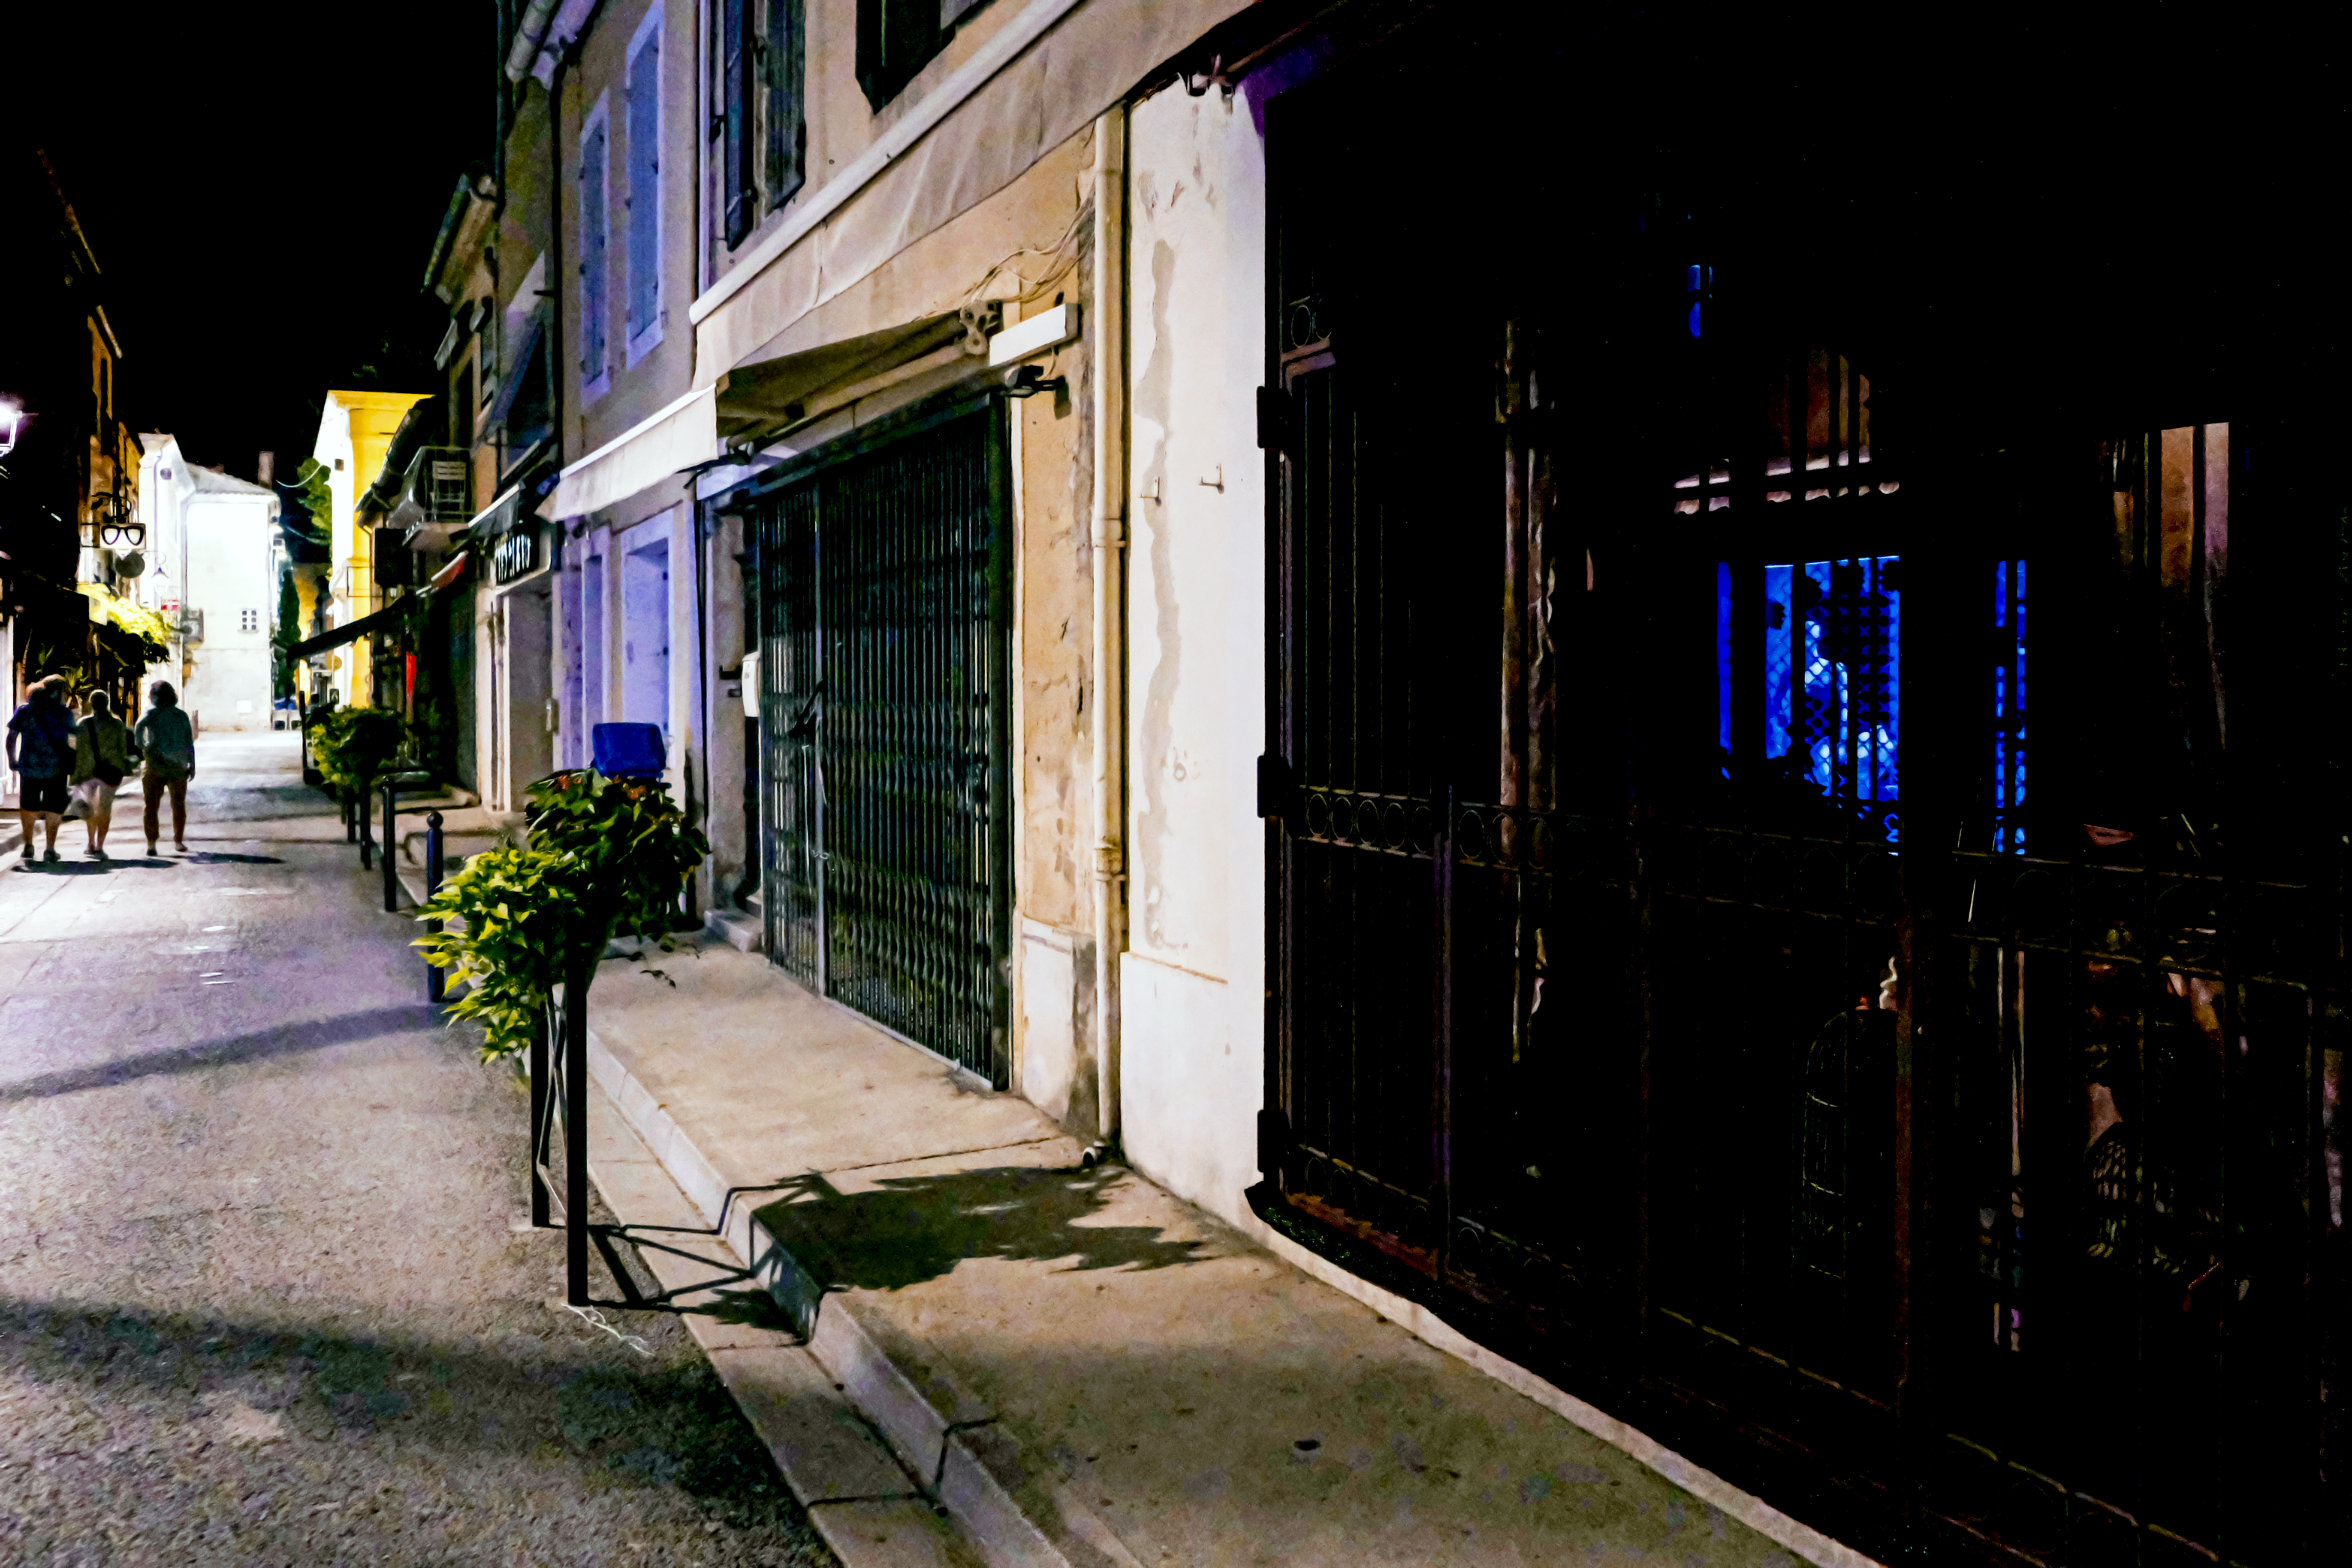 Provence by night quiet quiet quiet peac